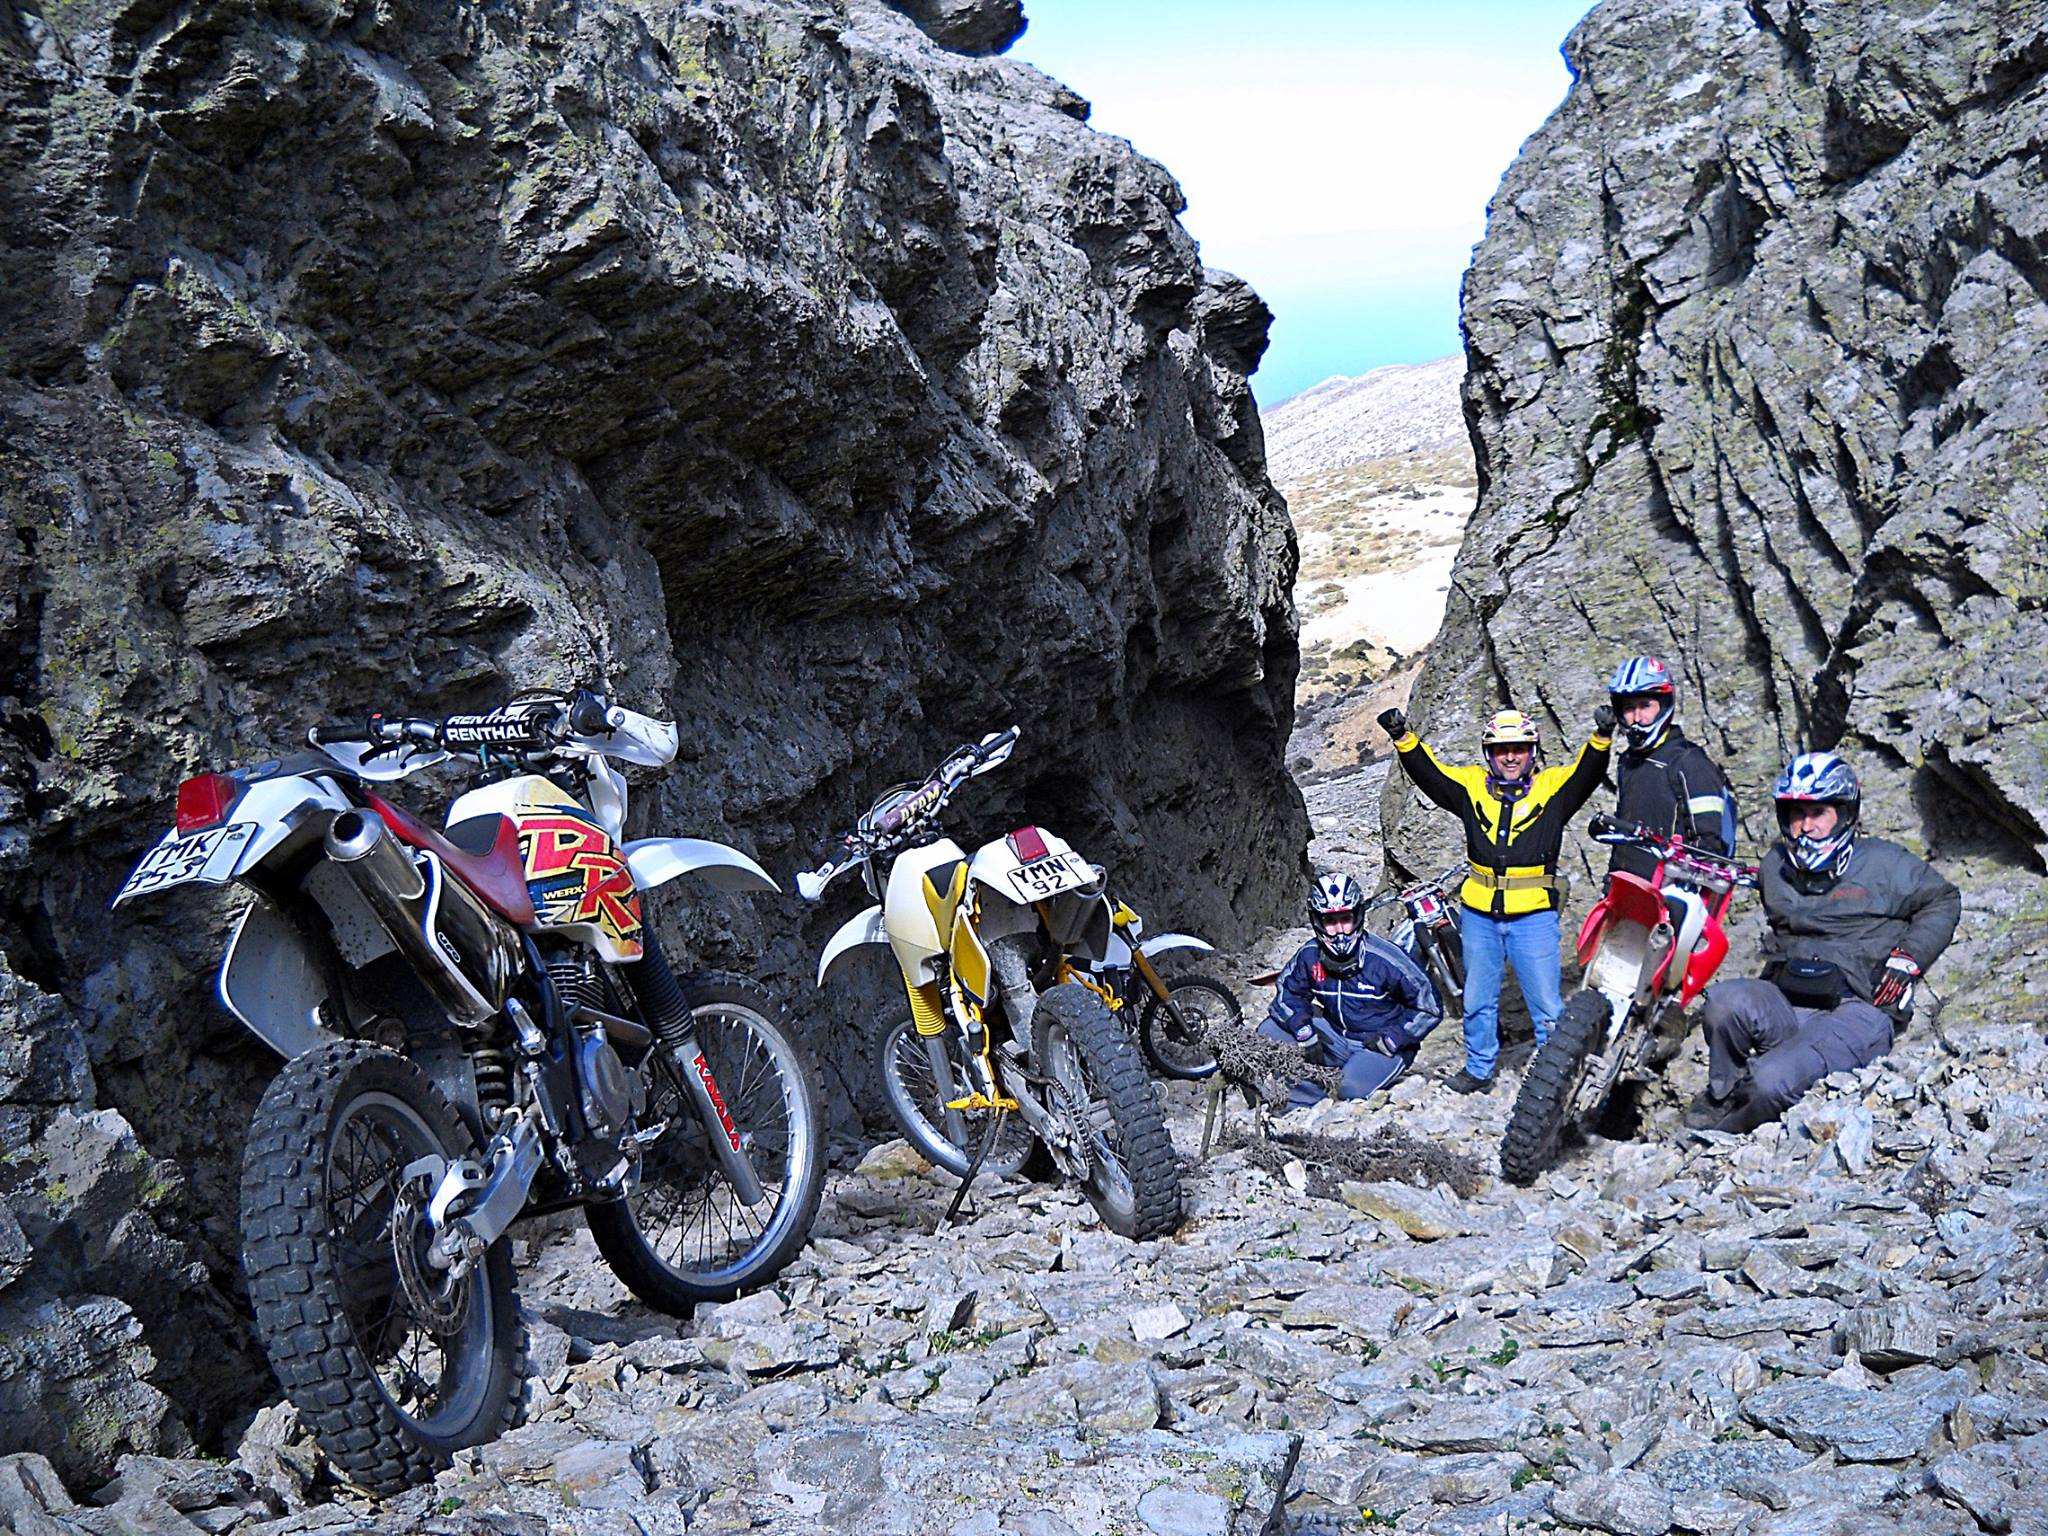 Diagoras Motocross